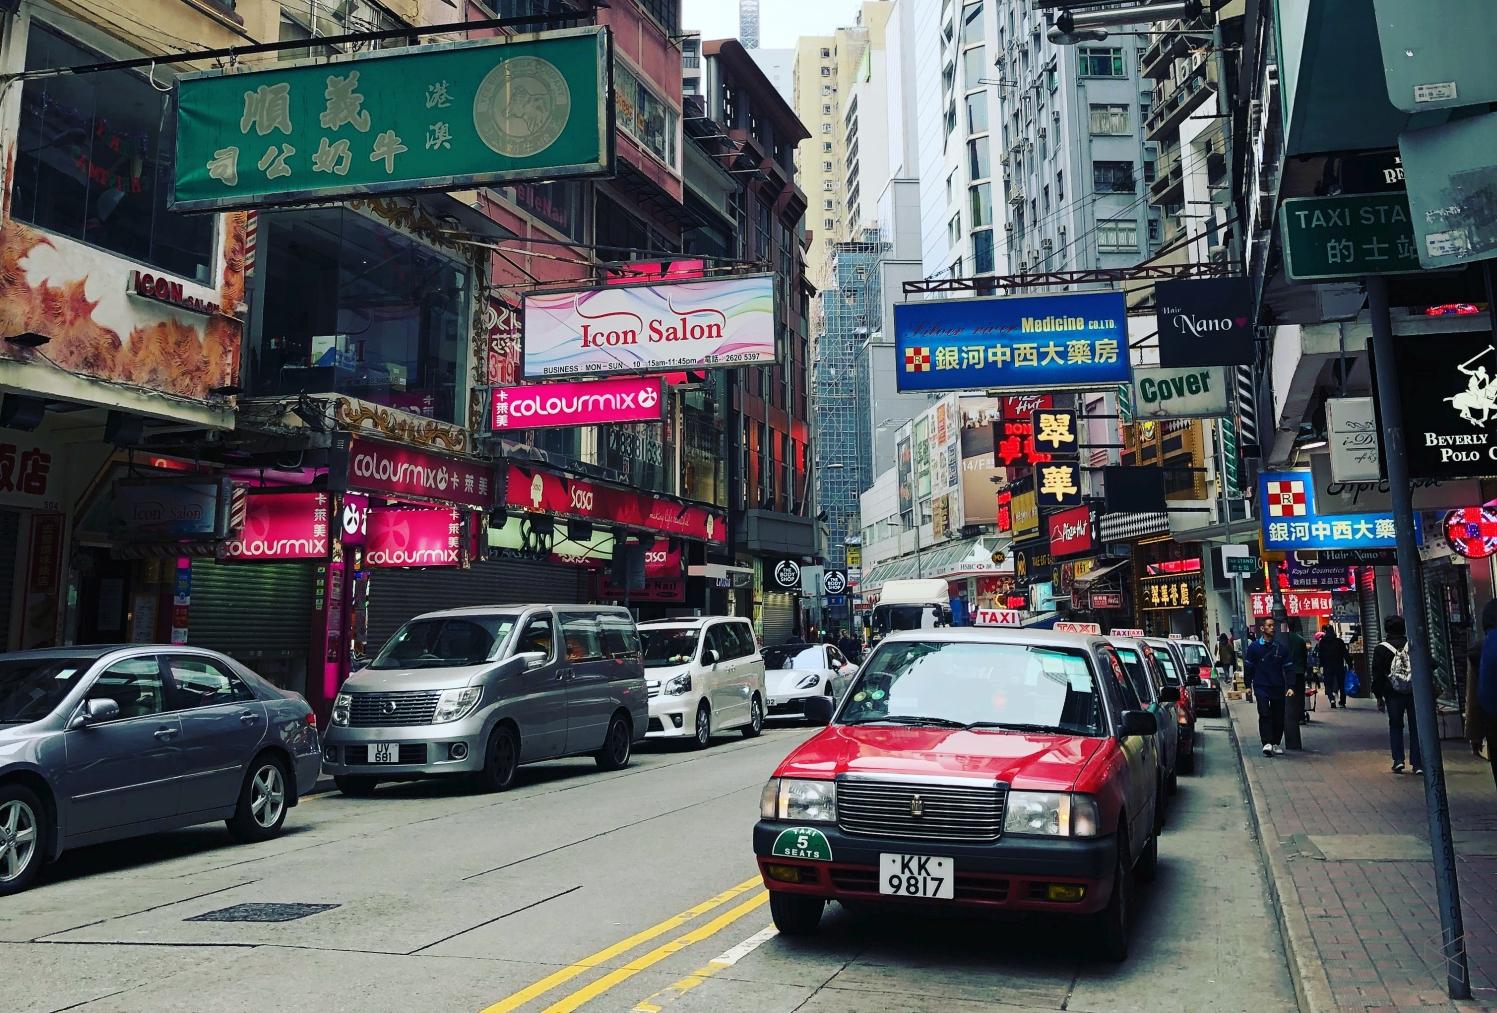 根据香港卫生署的新冠病毒网站显示,所有在全国新冠疫苗接种计划下采购的疫苗都被认可。-图摘自Soya Cincau-